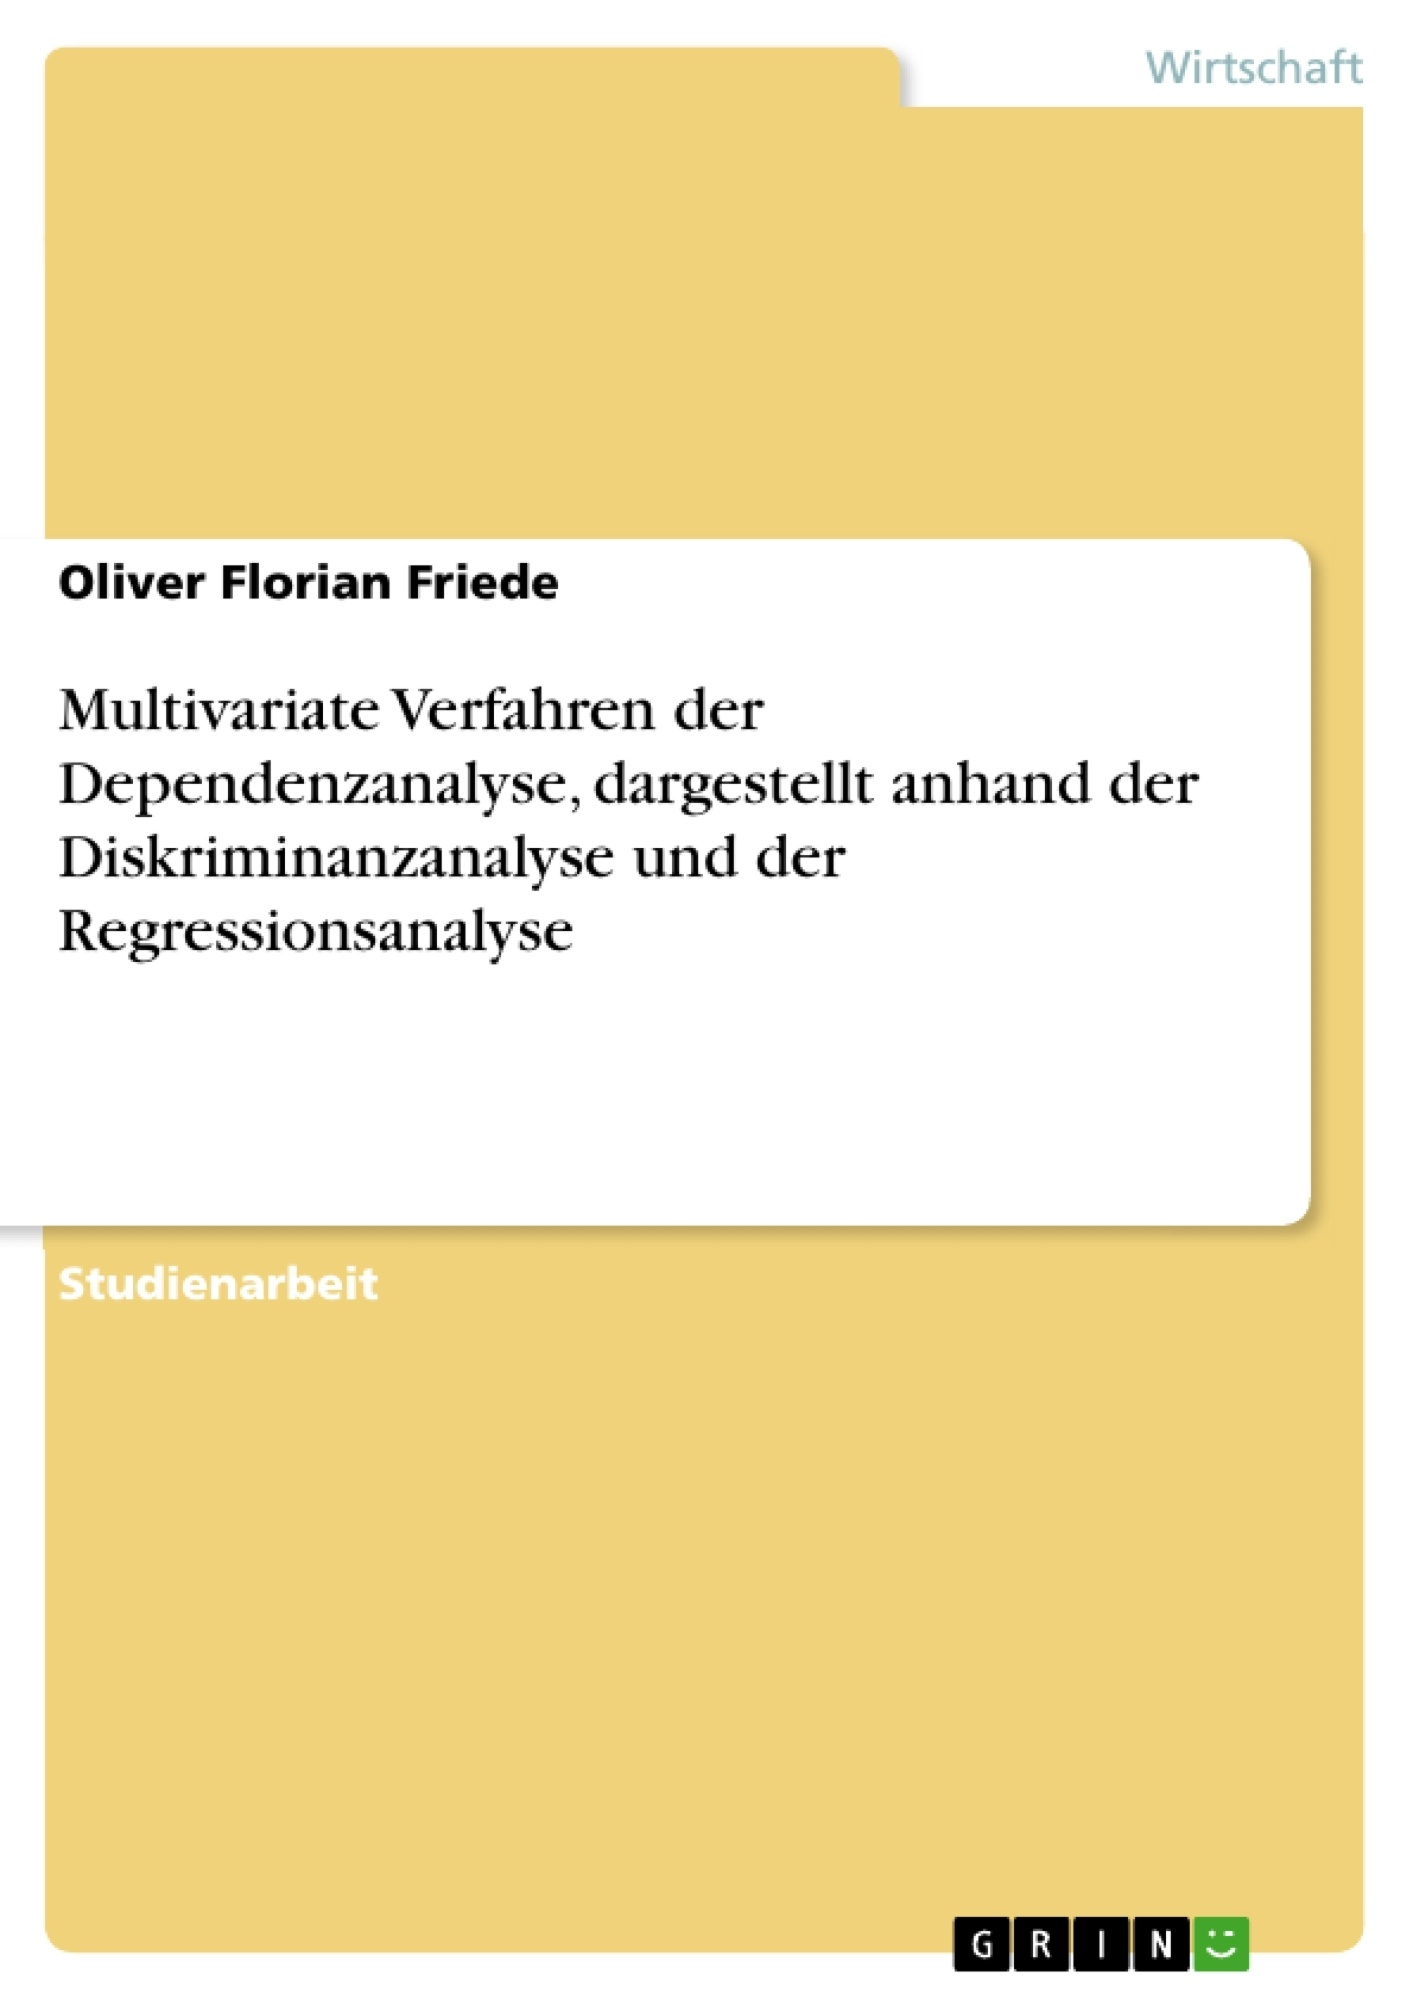 Titel: Multivariate Verfahren der Dependenzanalyse, dargestellt anhand der Diskriminanzanalyse und der Regressionsanalyse